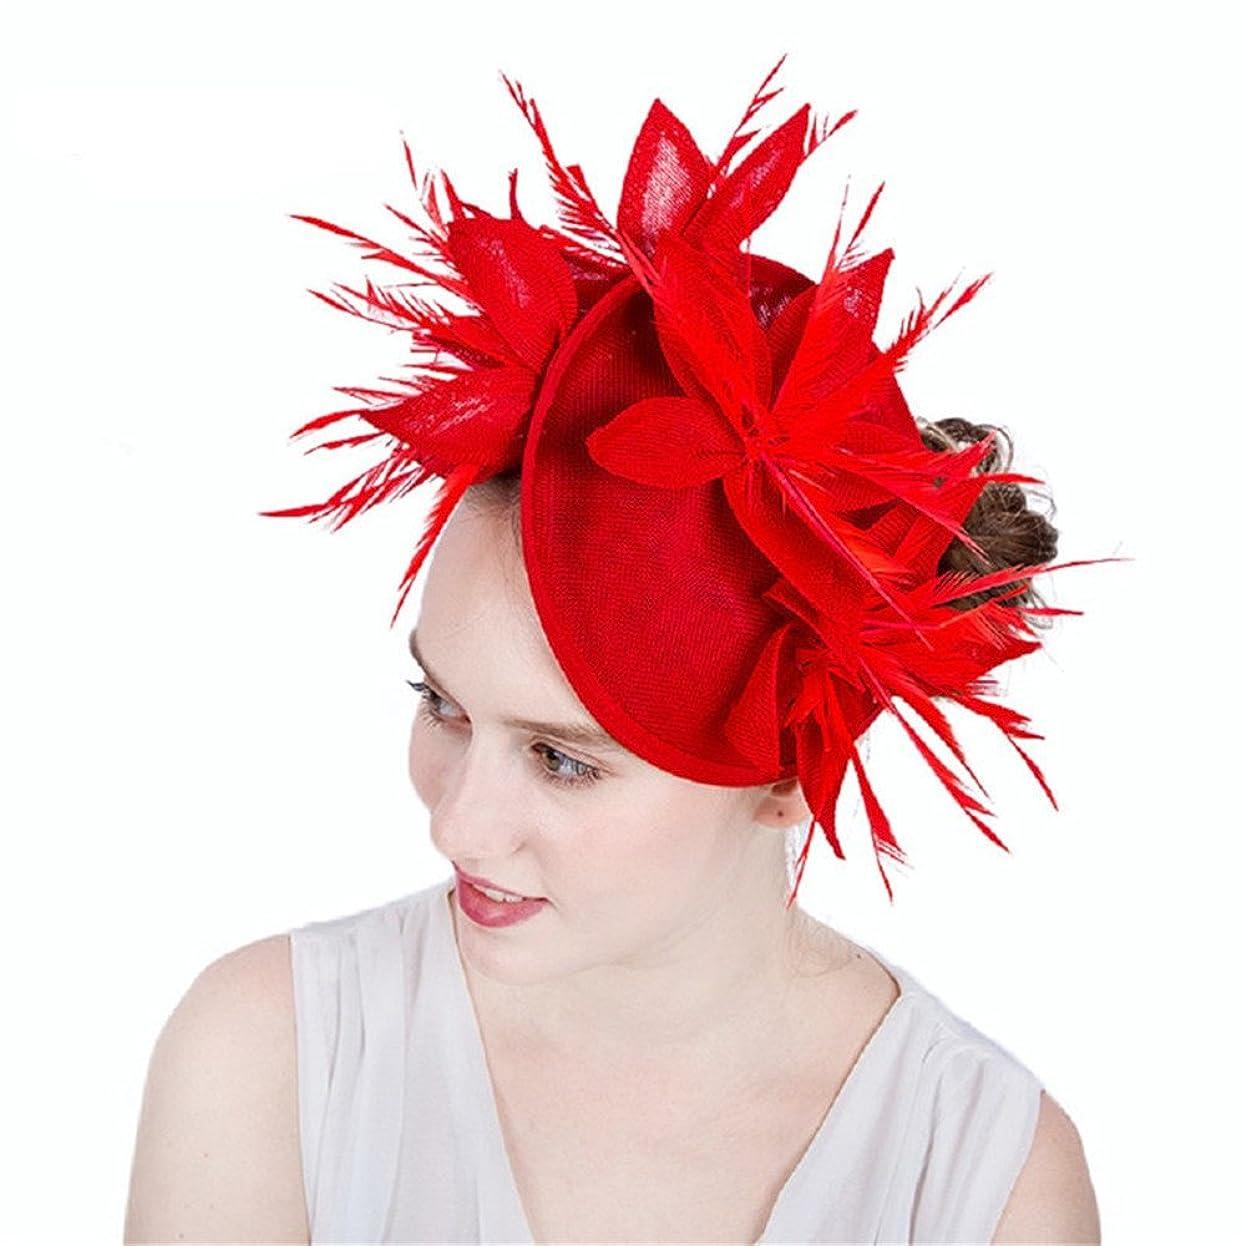 指導するハイランド落ち着く女性の魅力的な帽子 女性の女性Sinamay魅惑的な帽子カクテルティーパーティー帽子ピルボックス帽子ダービー帽子ホールド結婚式の試合ロイヤルアスコットライブパフォーマンス (色 : 濃紺)